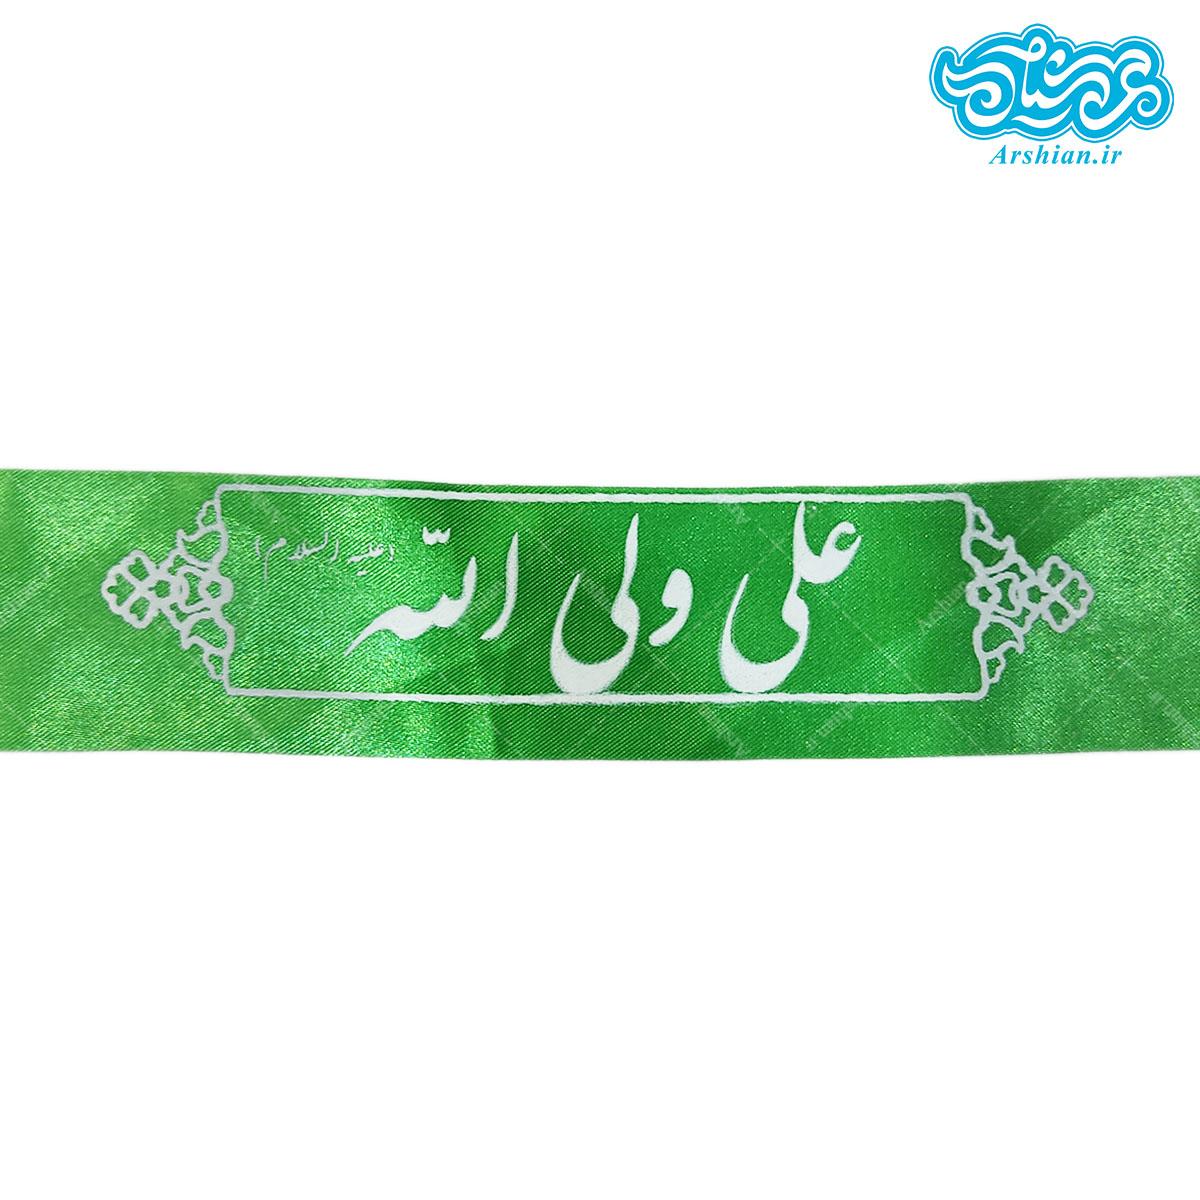 سربند ساتن علی ولی الله سبز کد 038